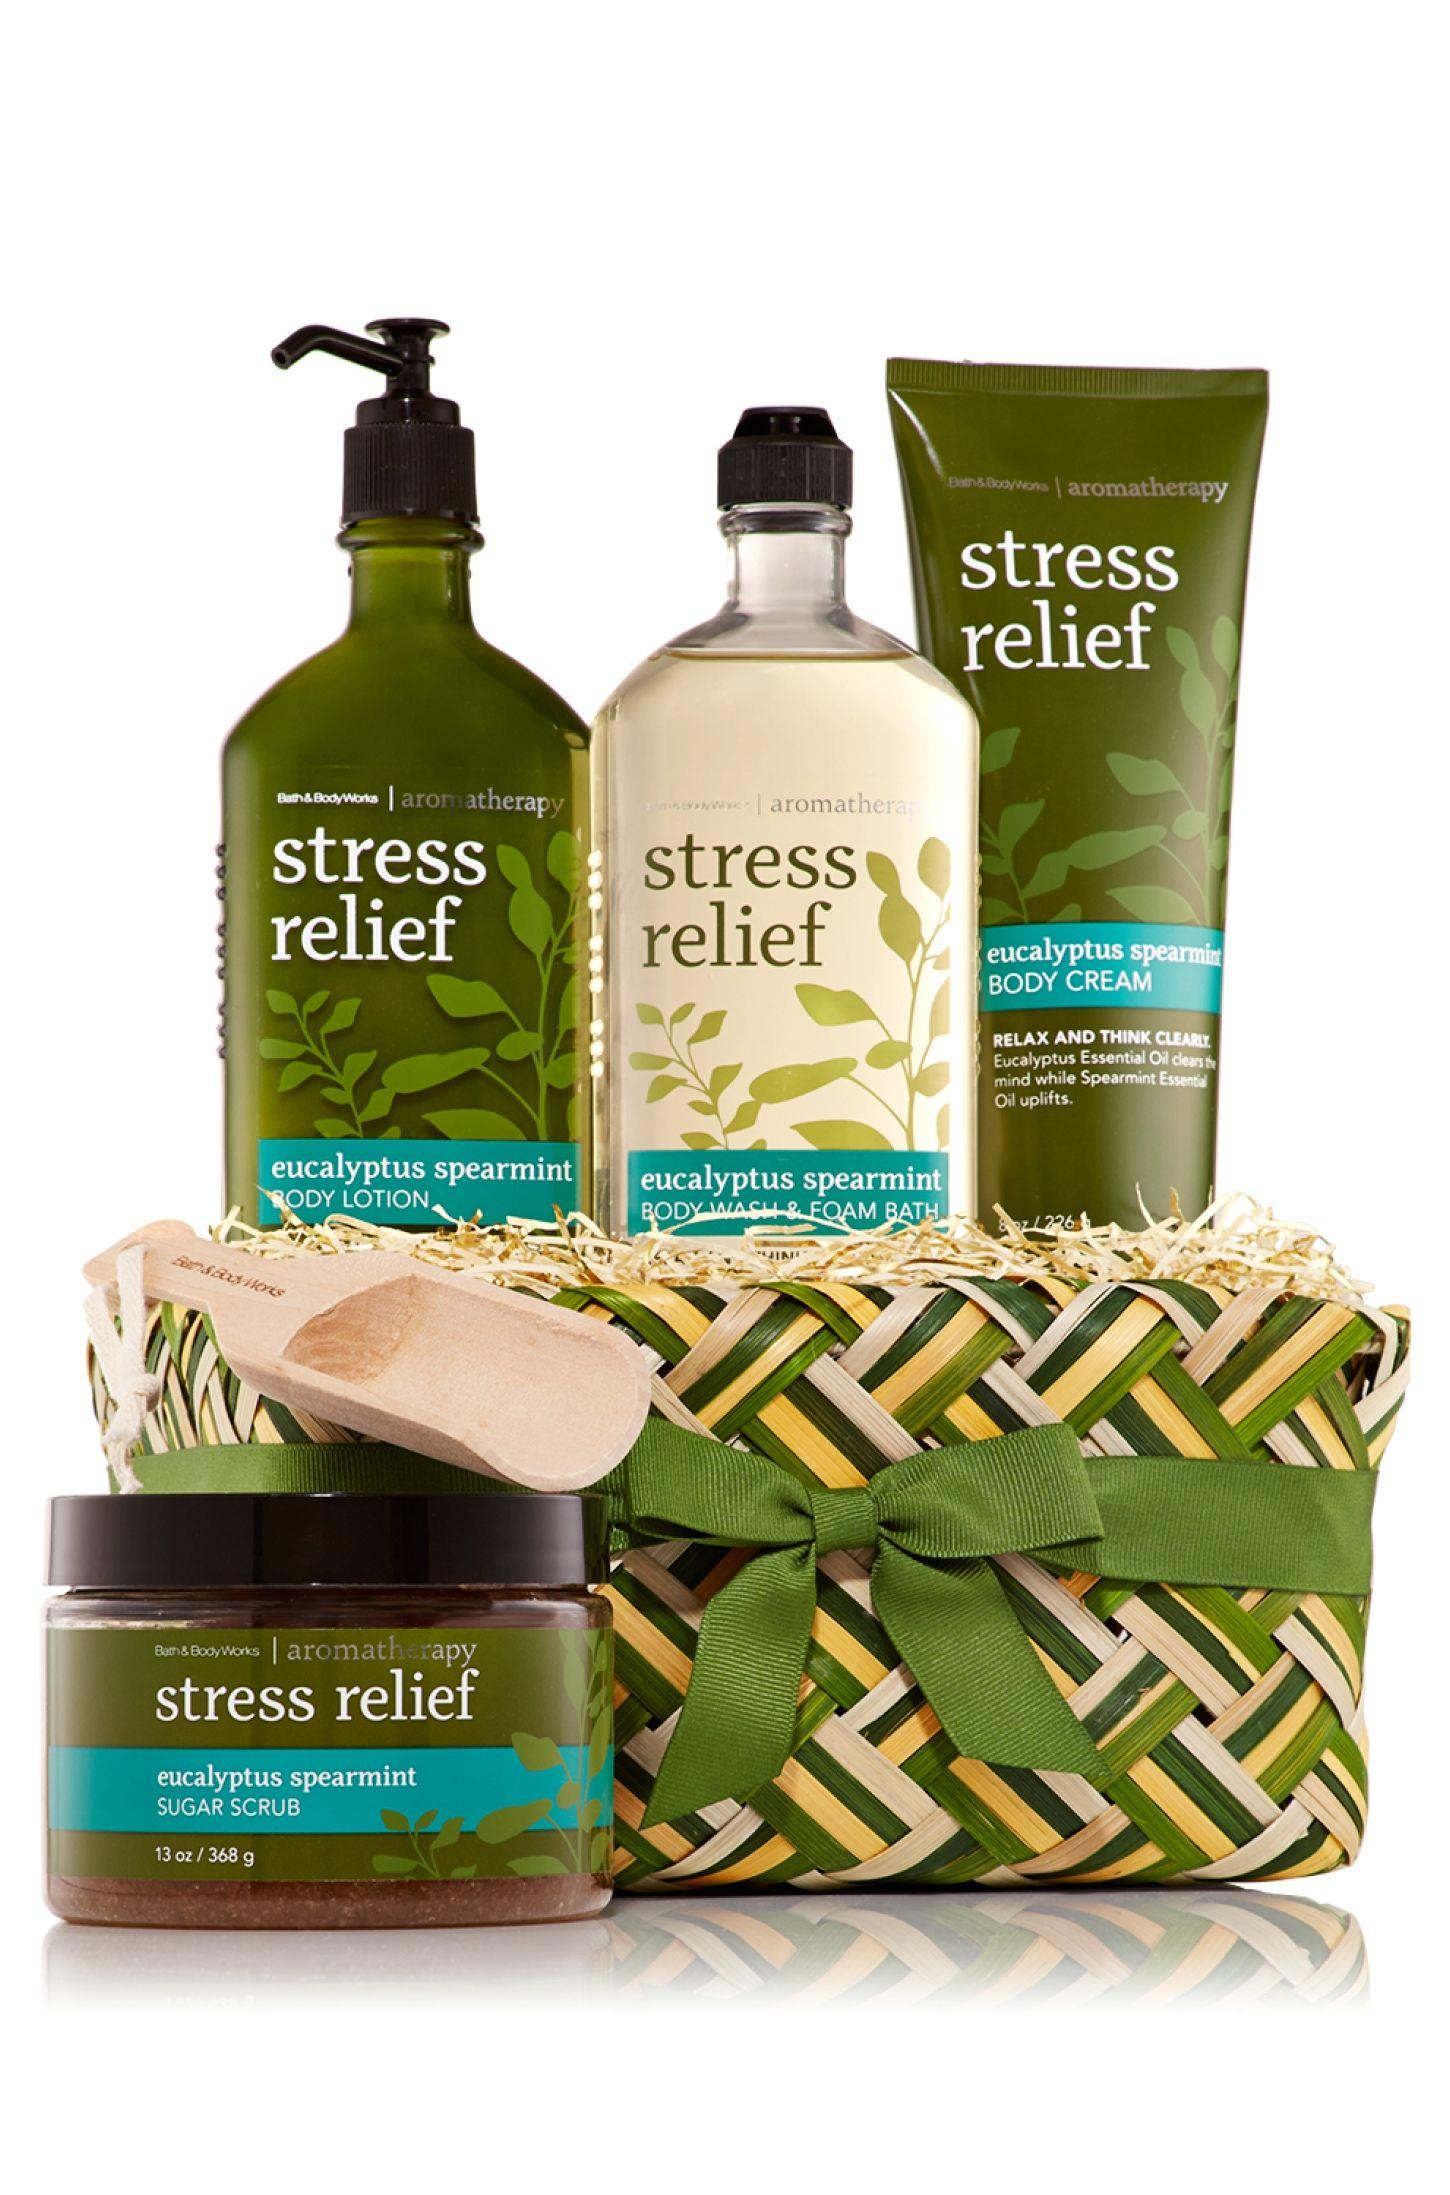 Eucalyptus Spearmint Aromatherapy Spa Gift Set Aromatherapy